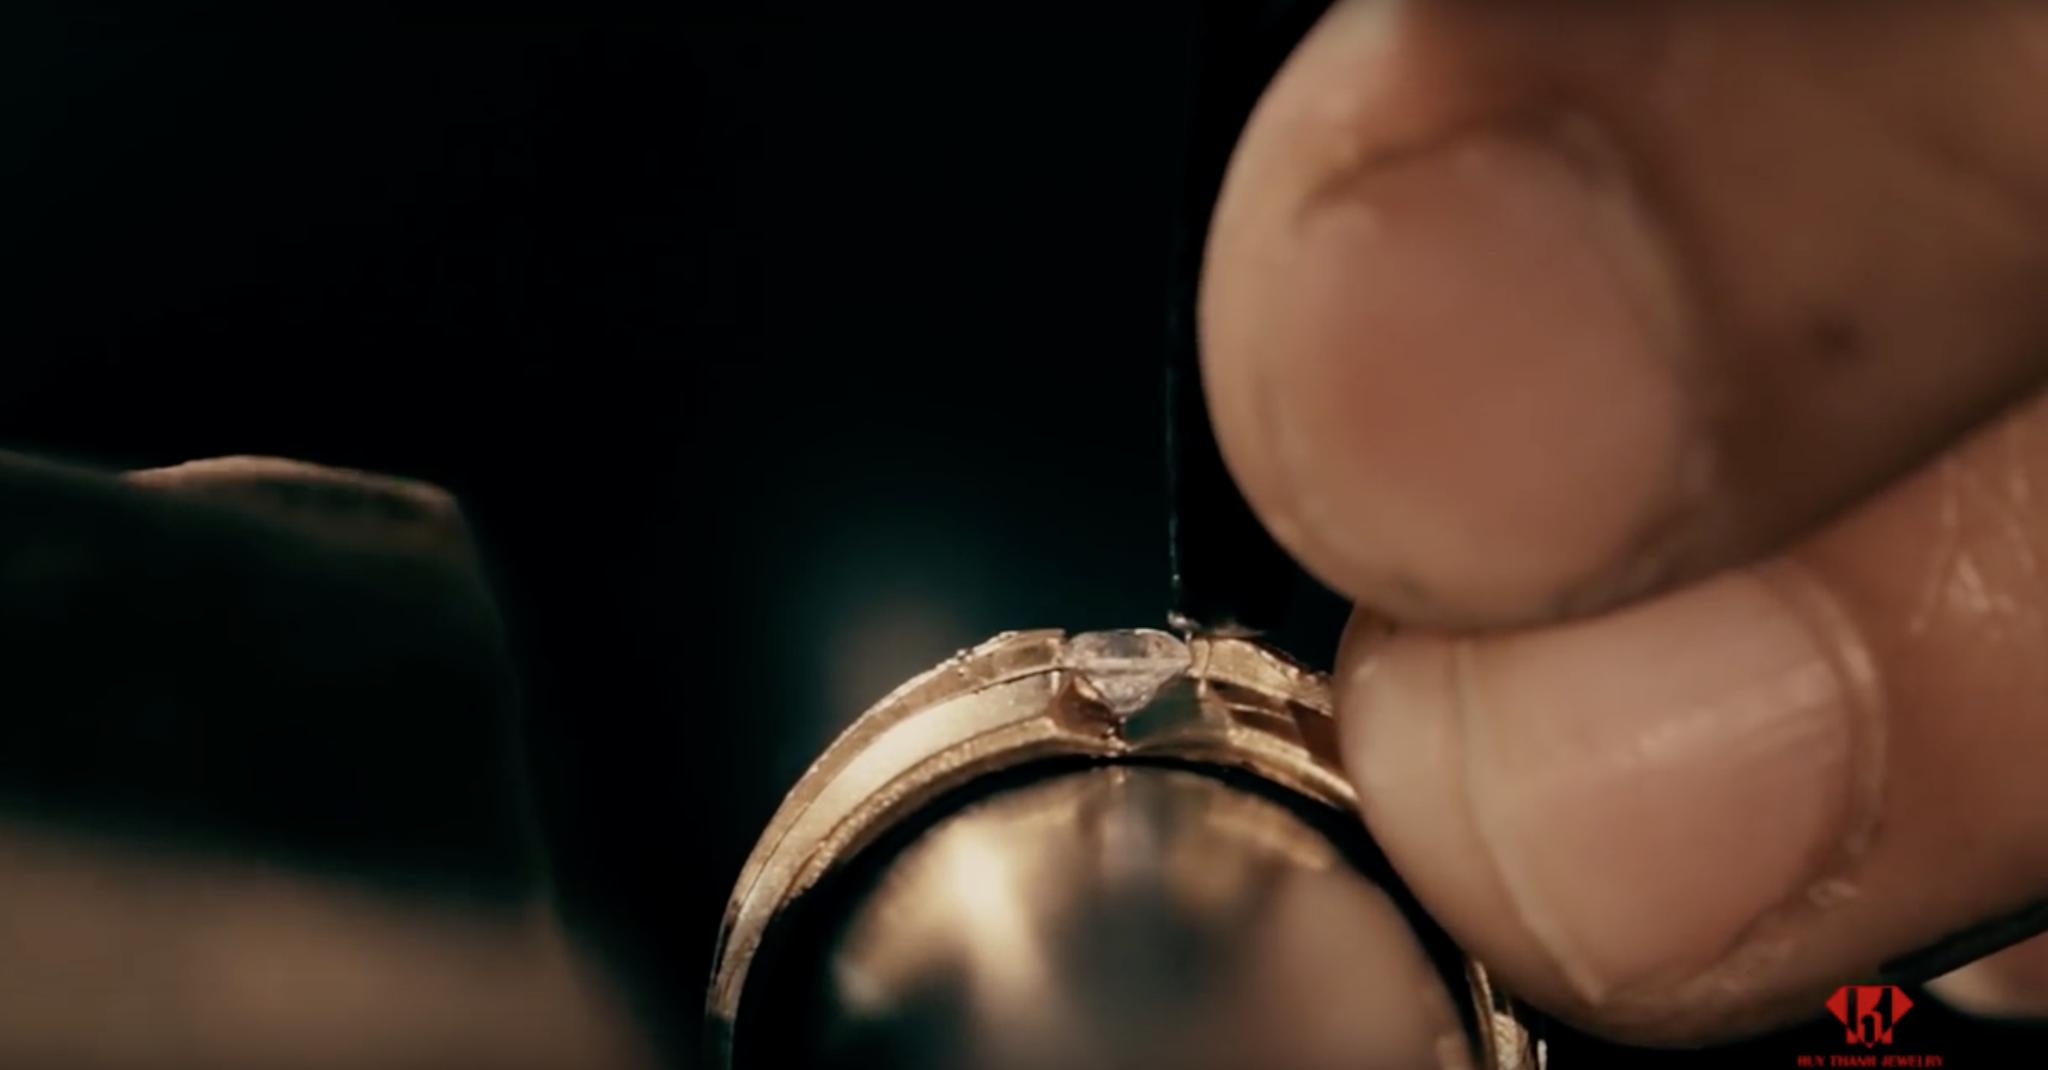 Nhẫn cưới đã được làm như thế nào?